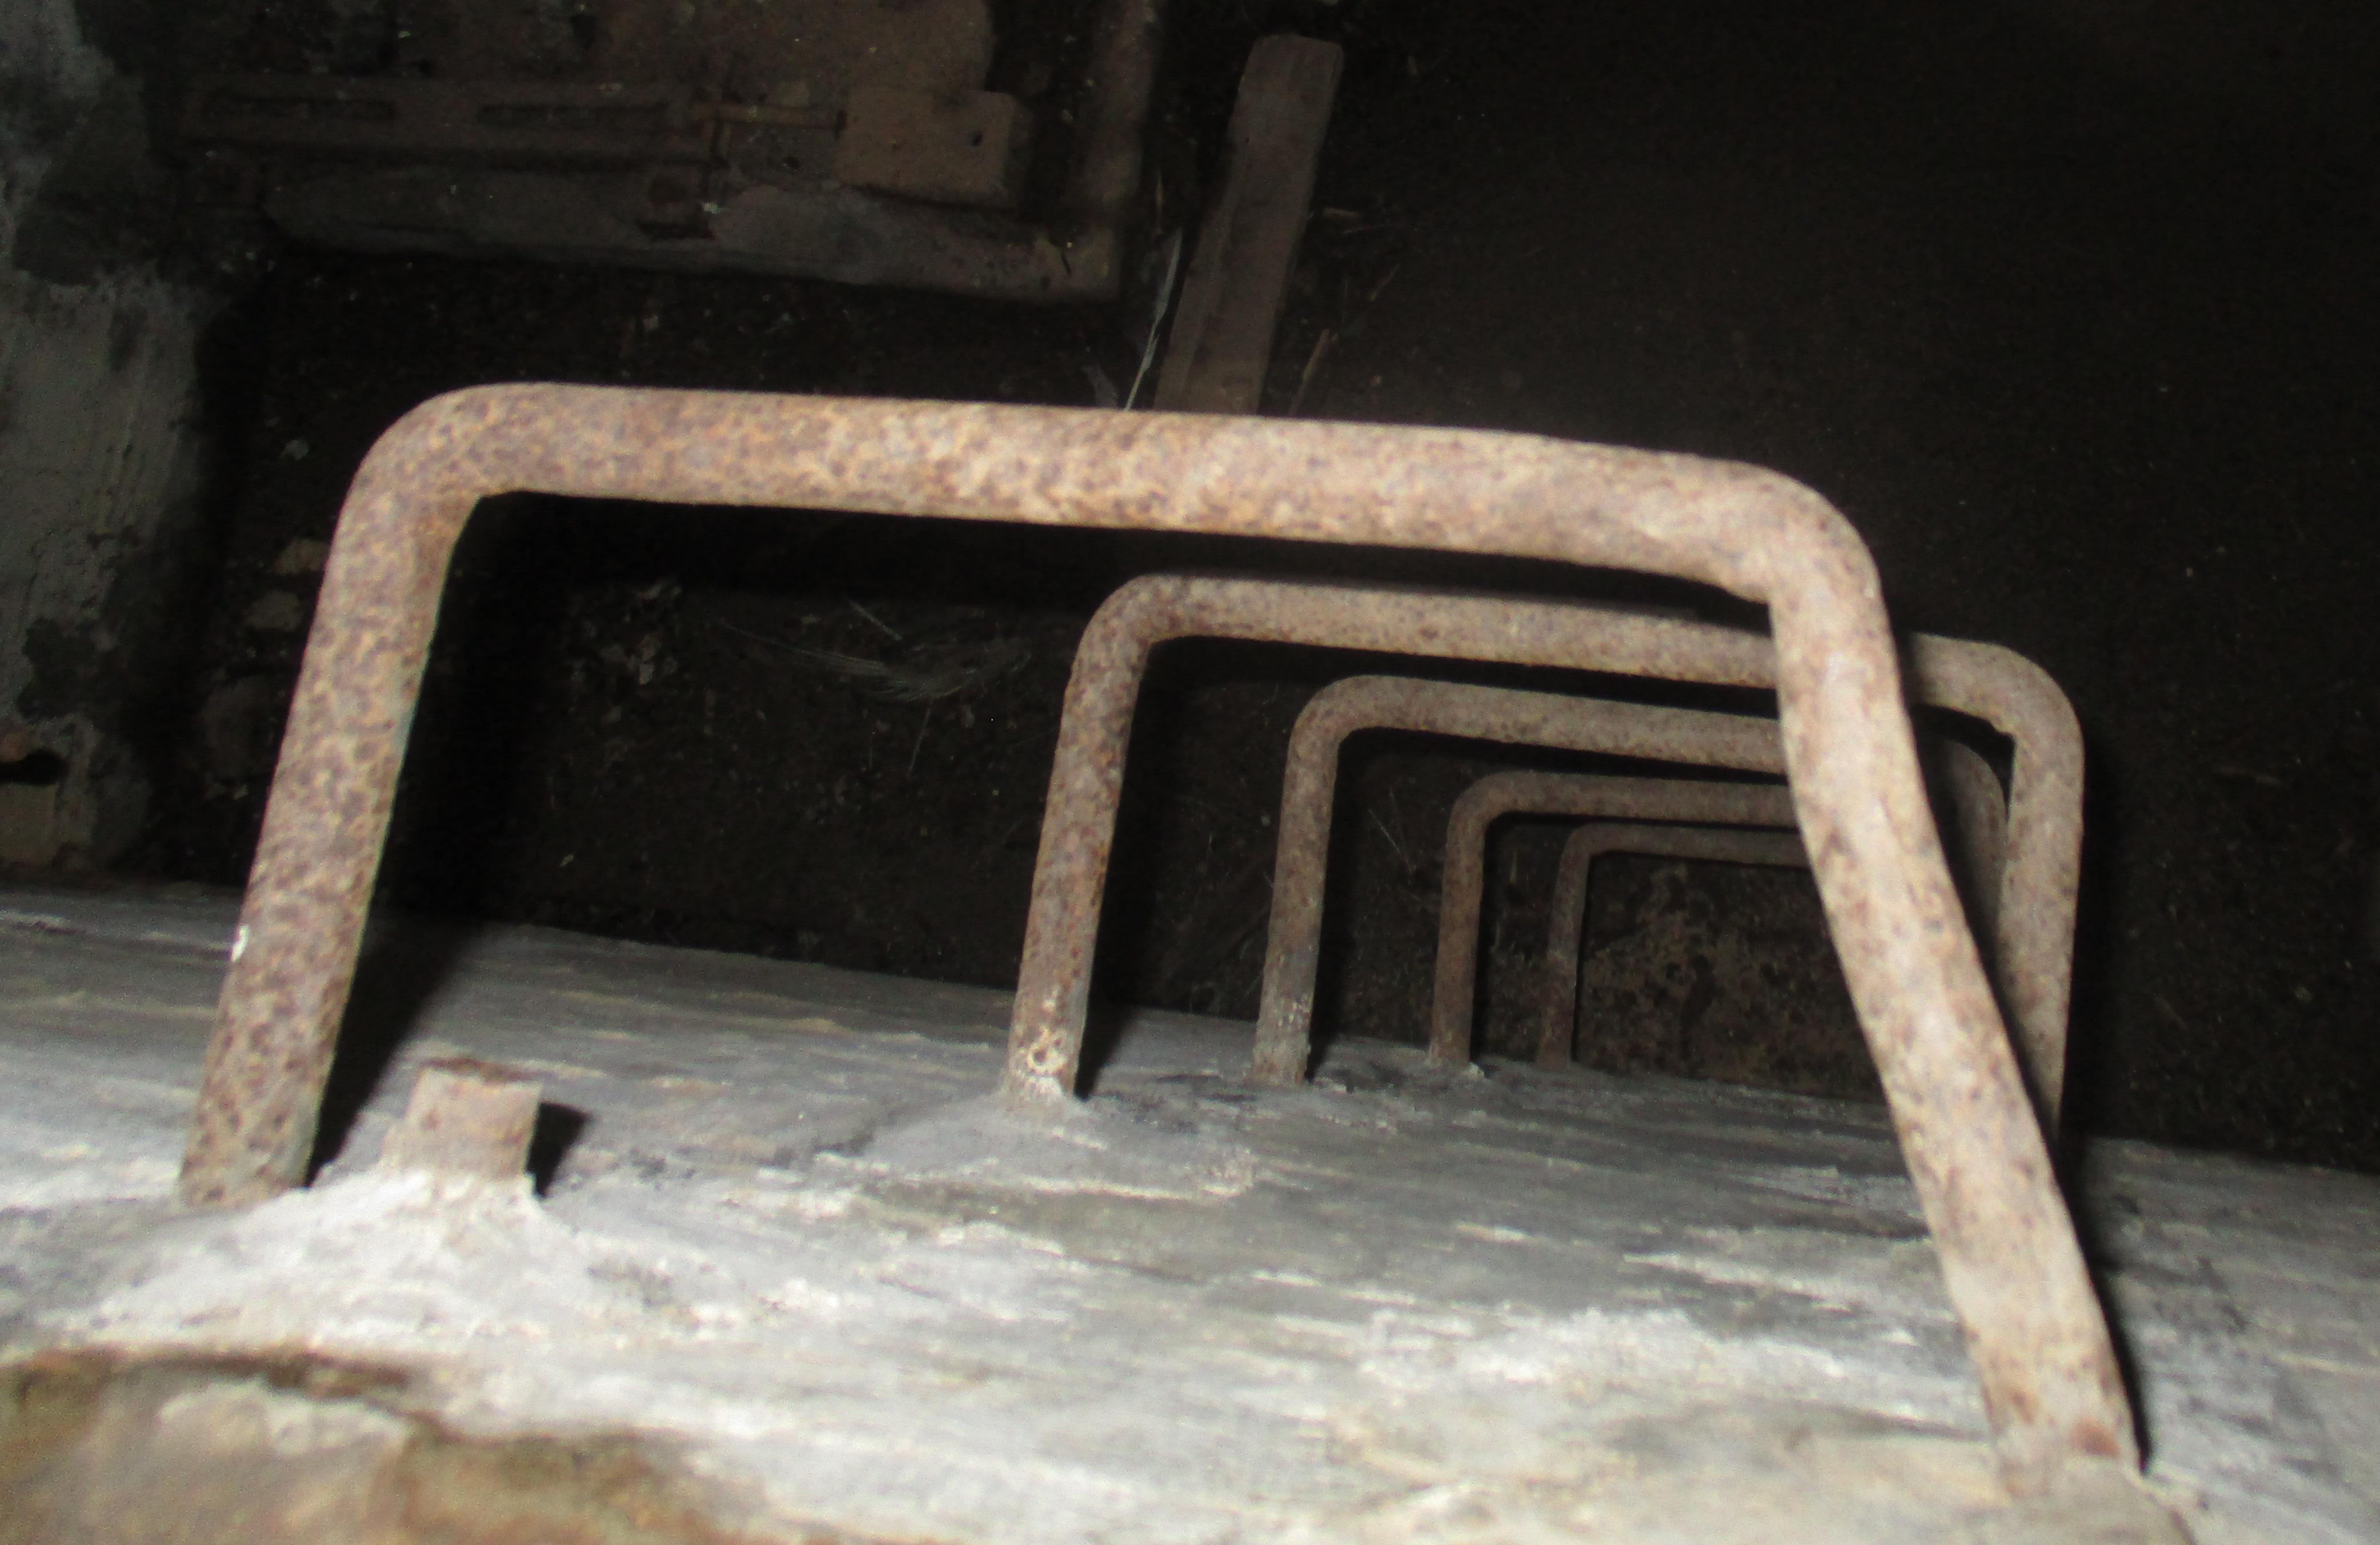 Η κάθοδος στο εσωτερικό του καταφυγίου, γίνεται με επιτοίχια μεταλλικά σκαλοπάτια τύπου «Π».